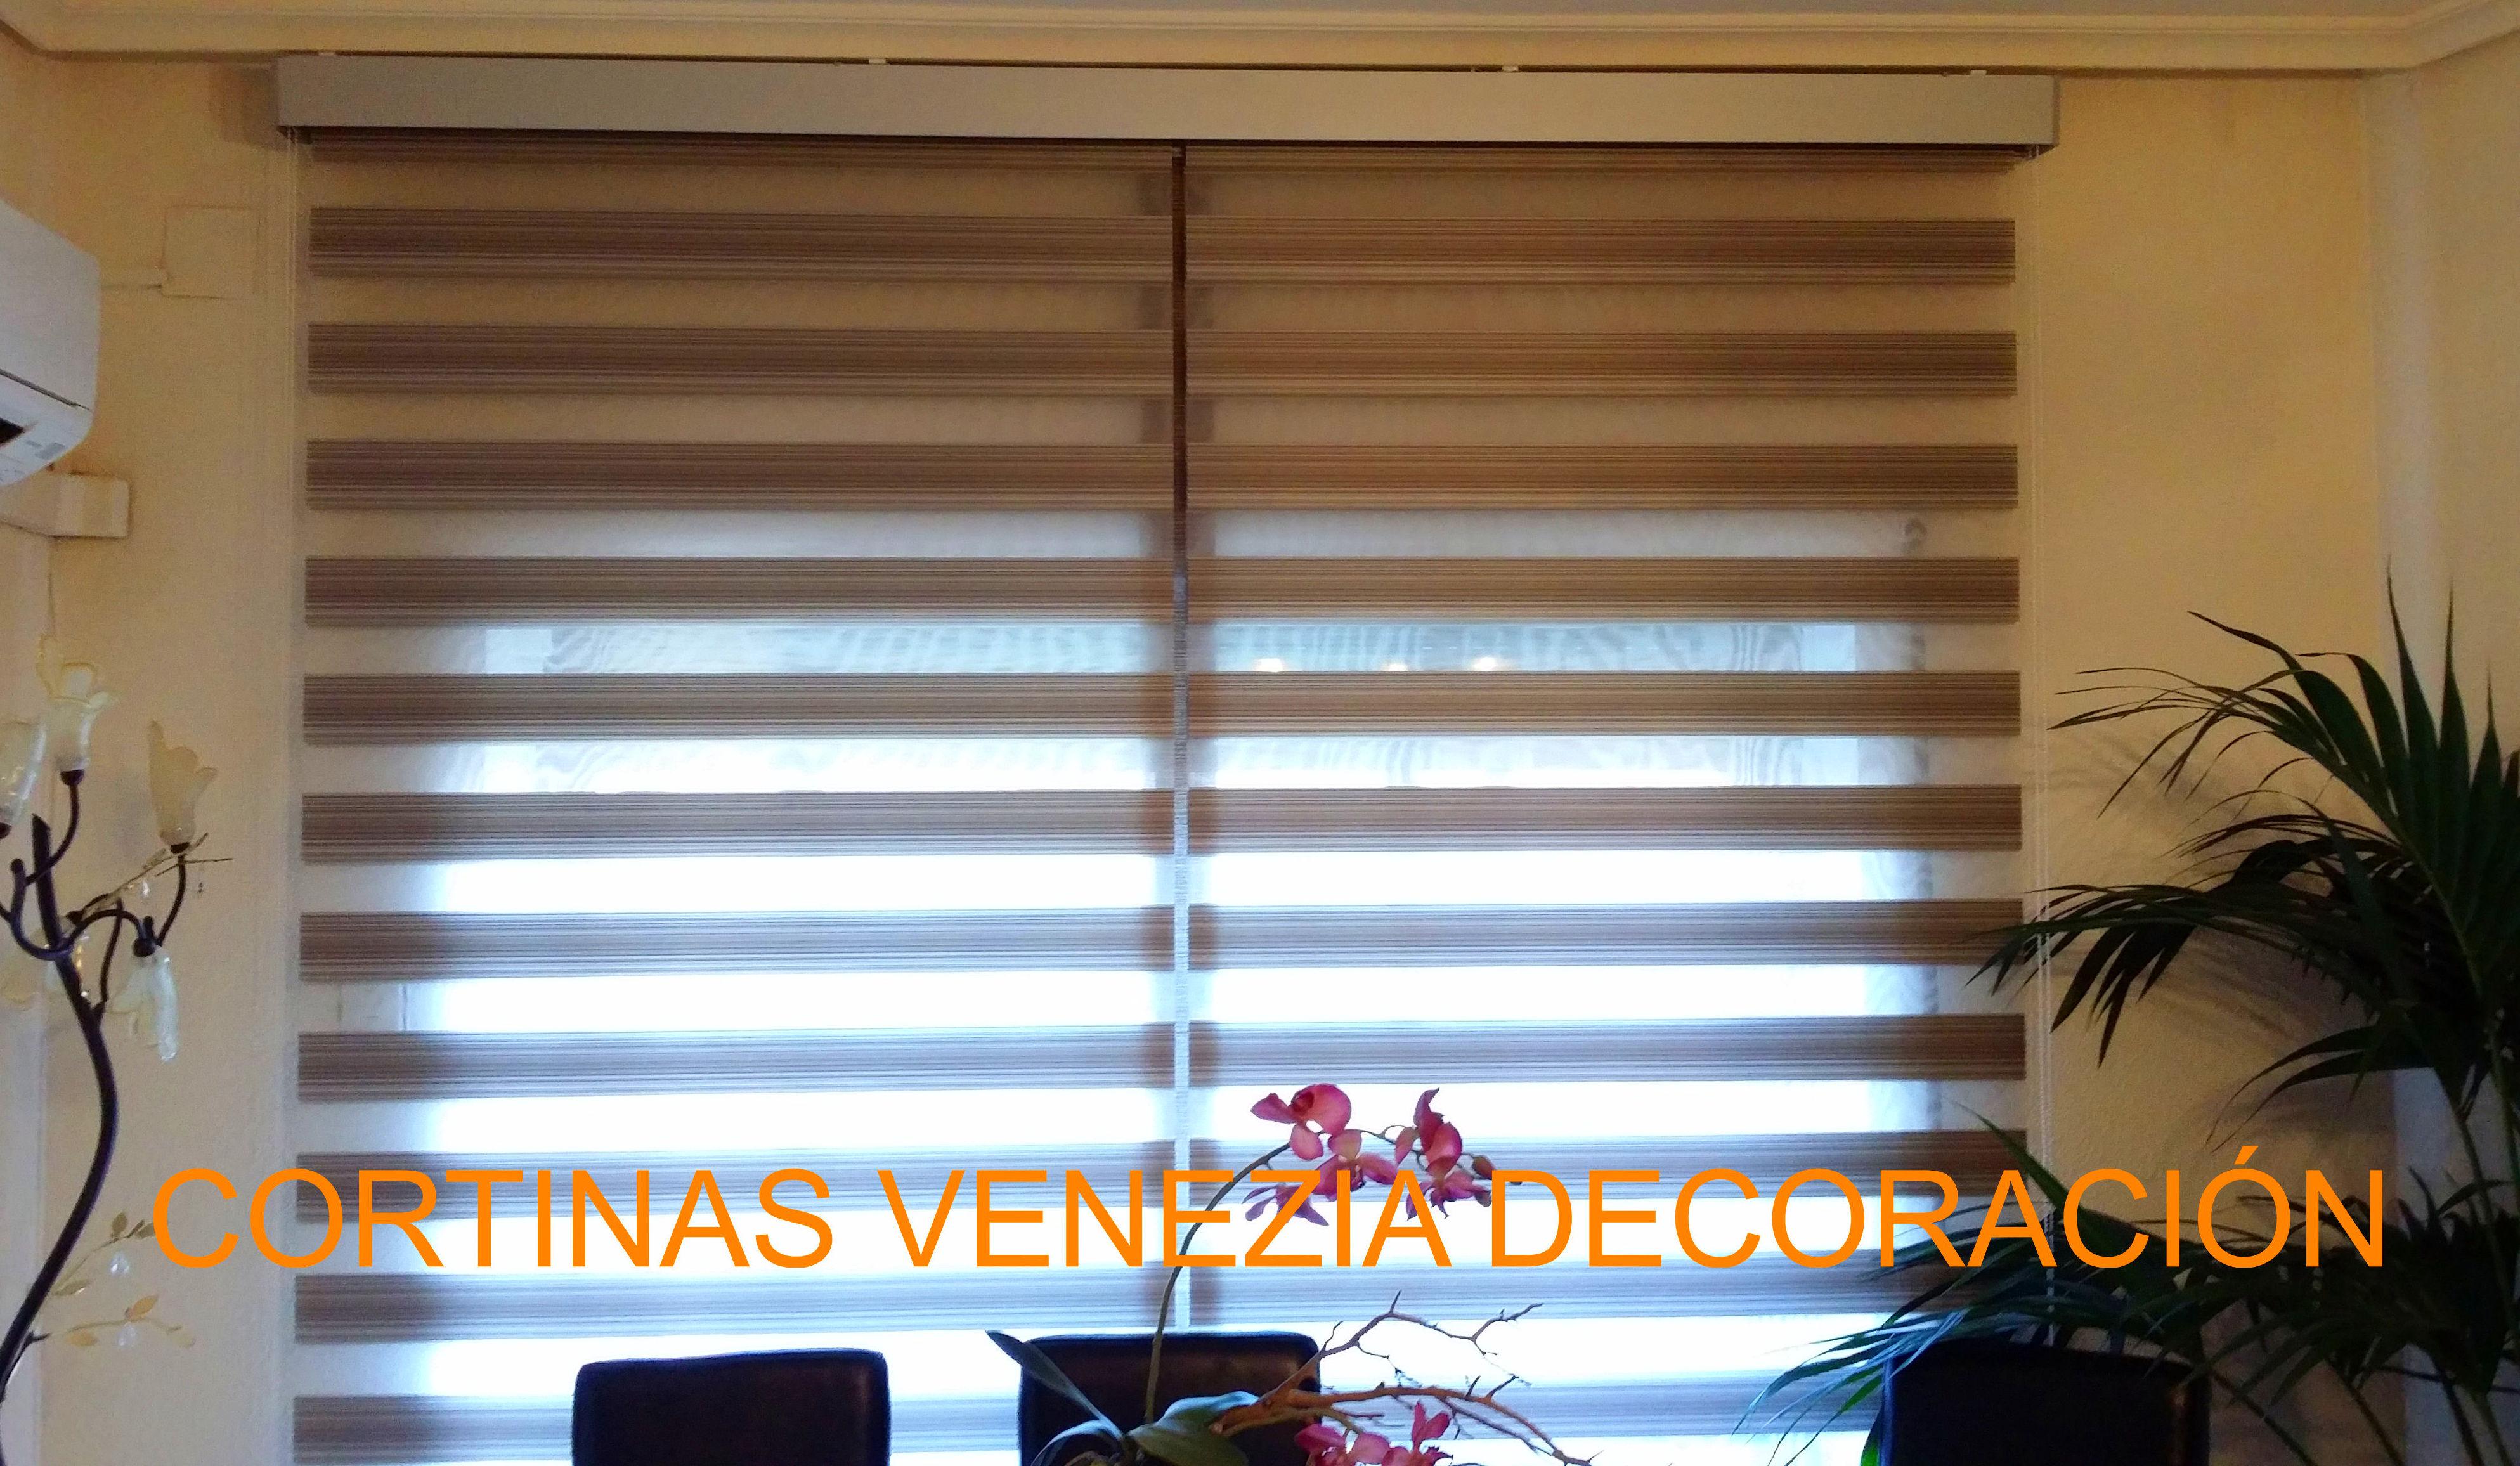 Picture 137 of Cortinas in Albacete | Venezia Decoración